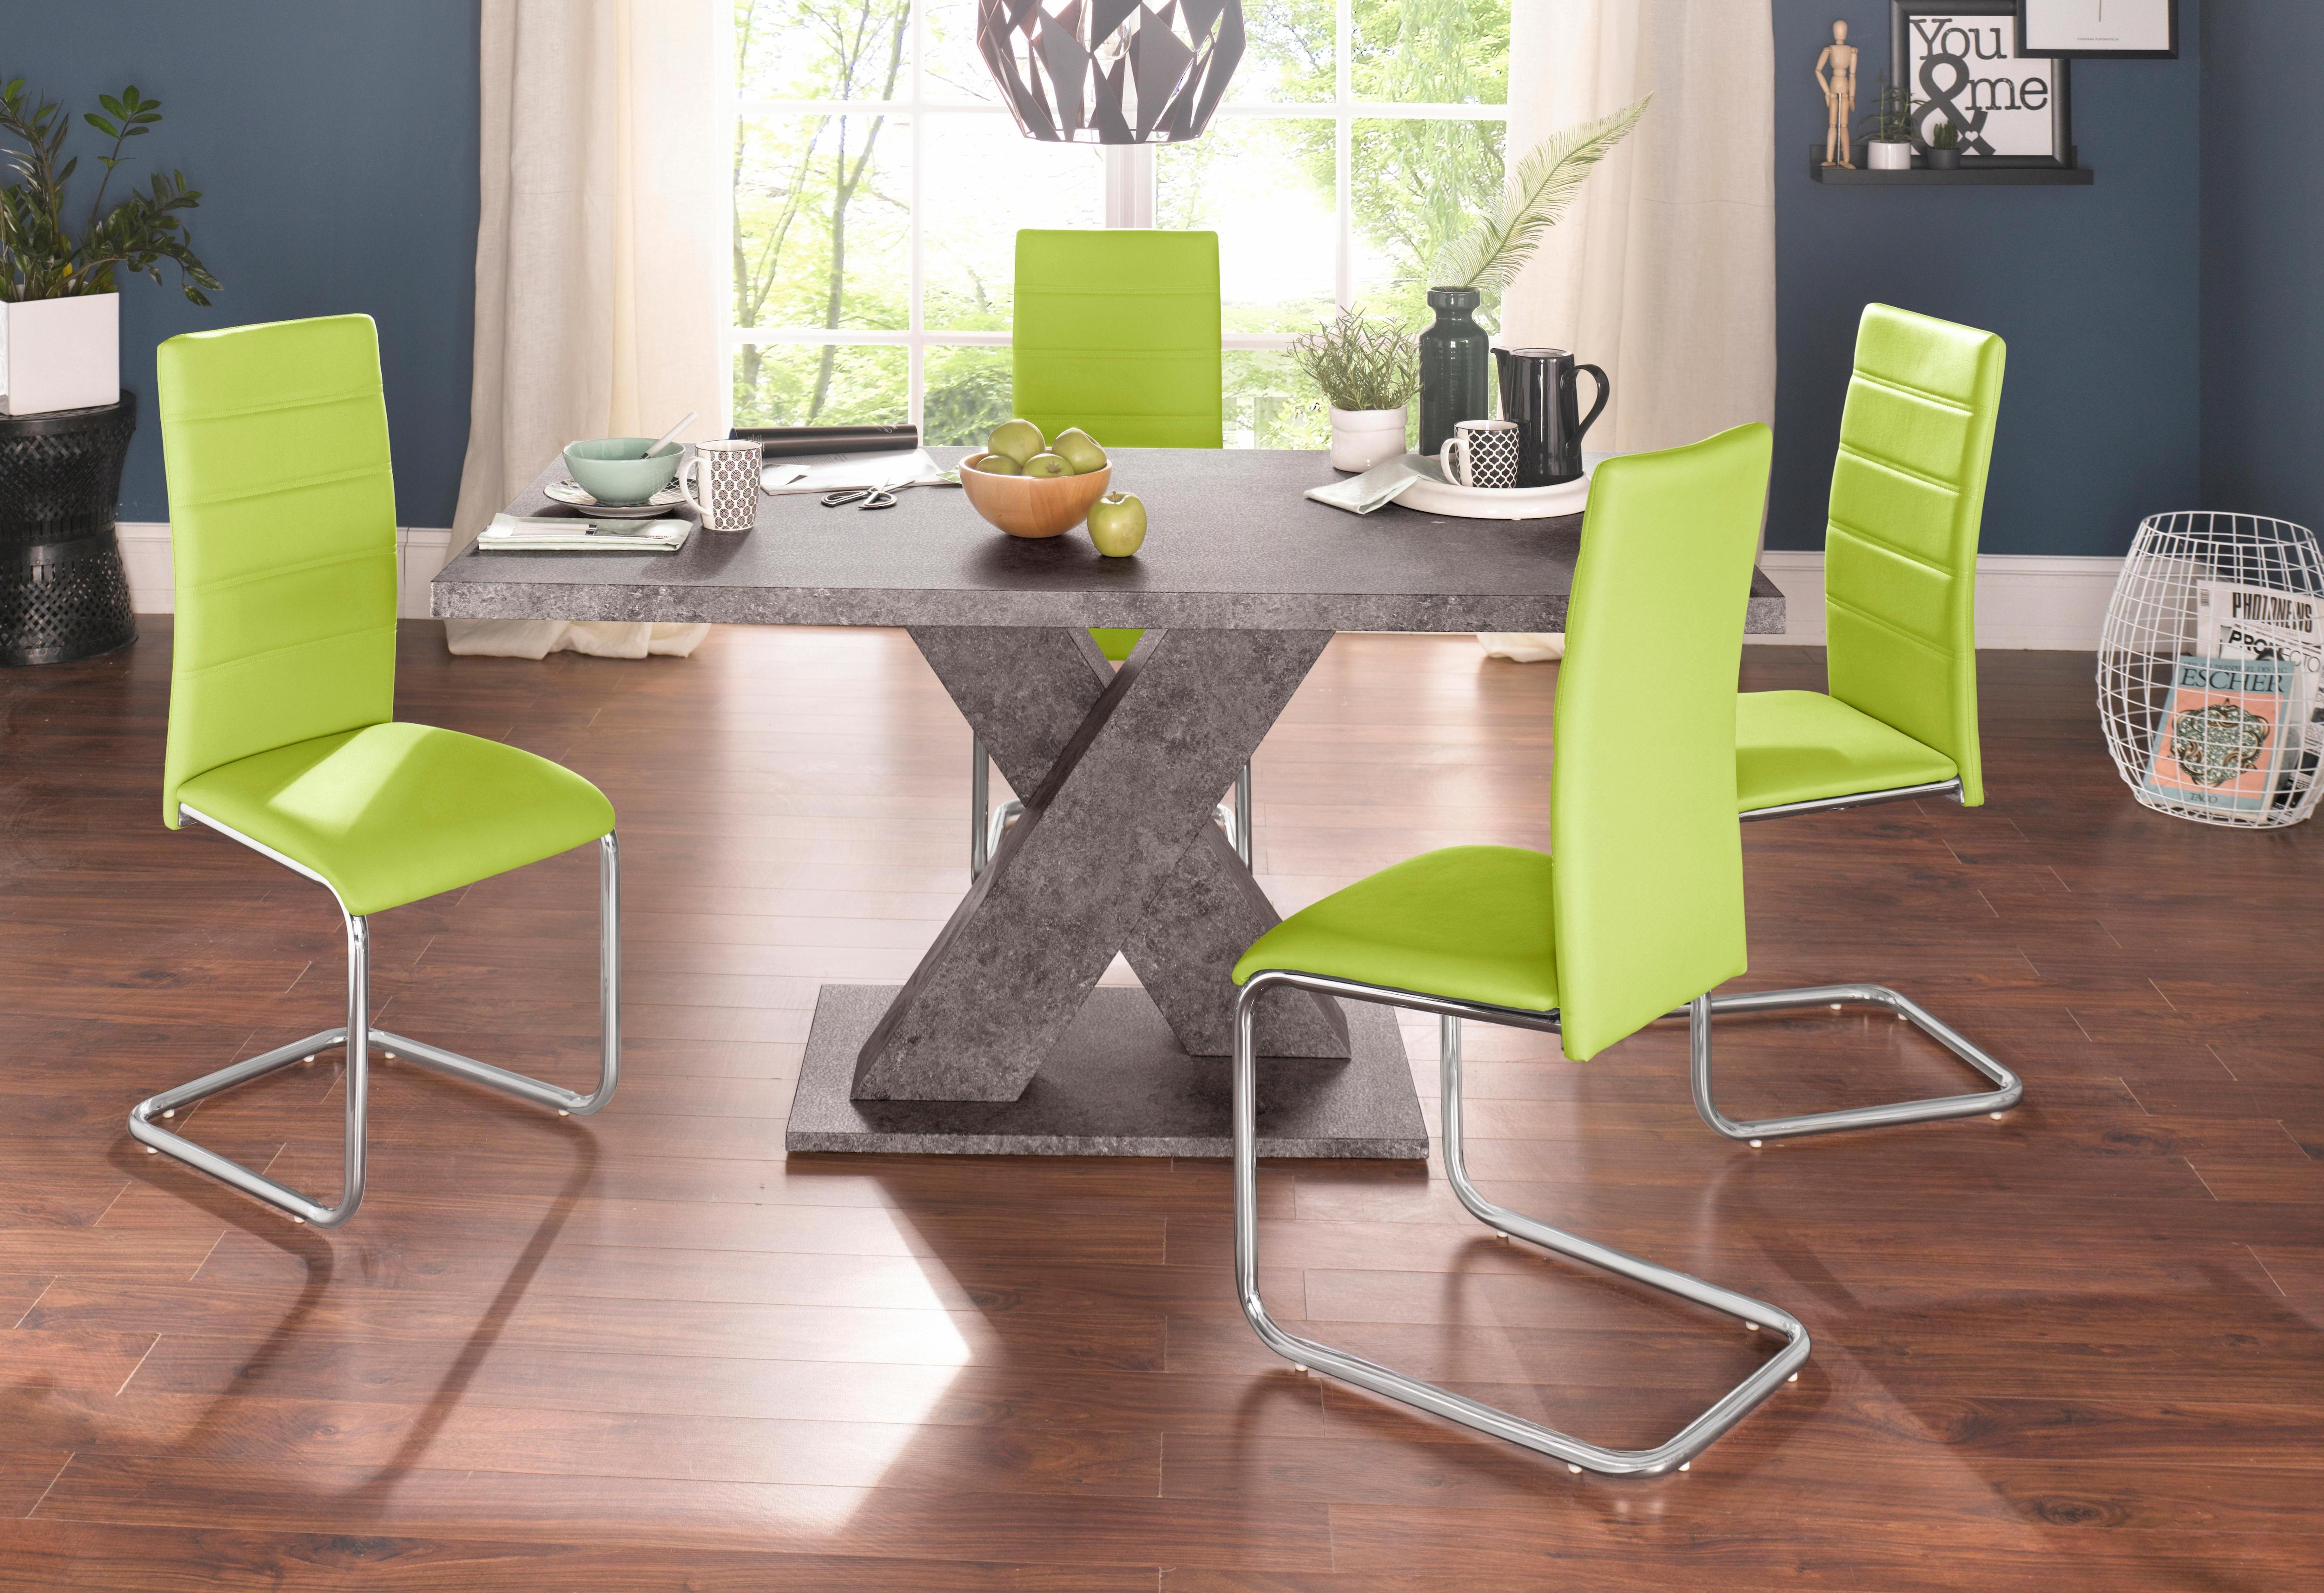 Essgruppe mit 4 Stühlen und Tisch in Zement-Optik